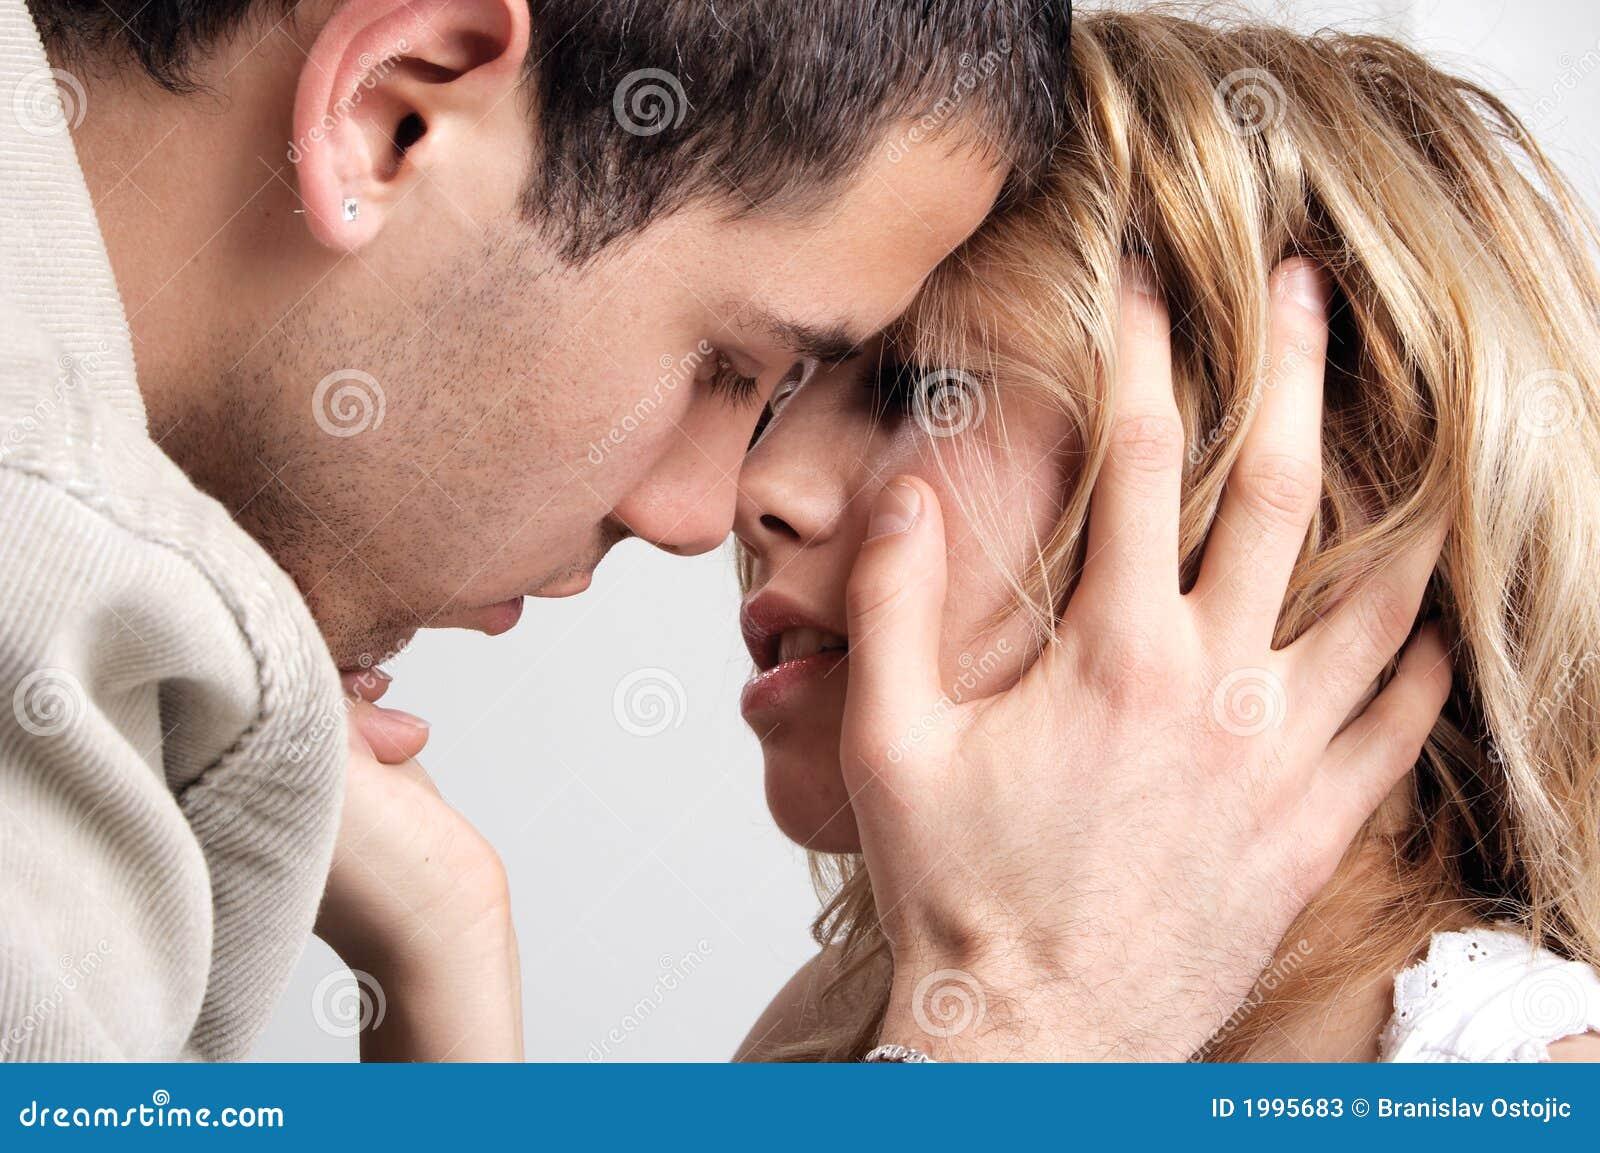 Если в отношениях нет поцелуев